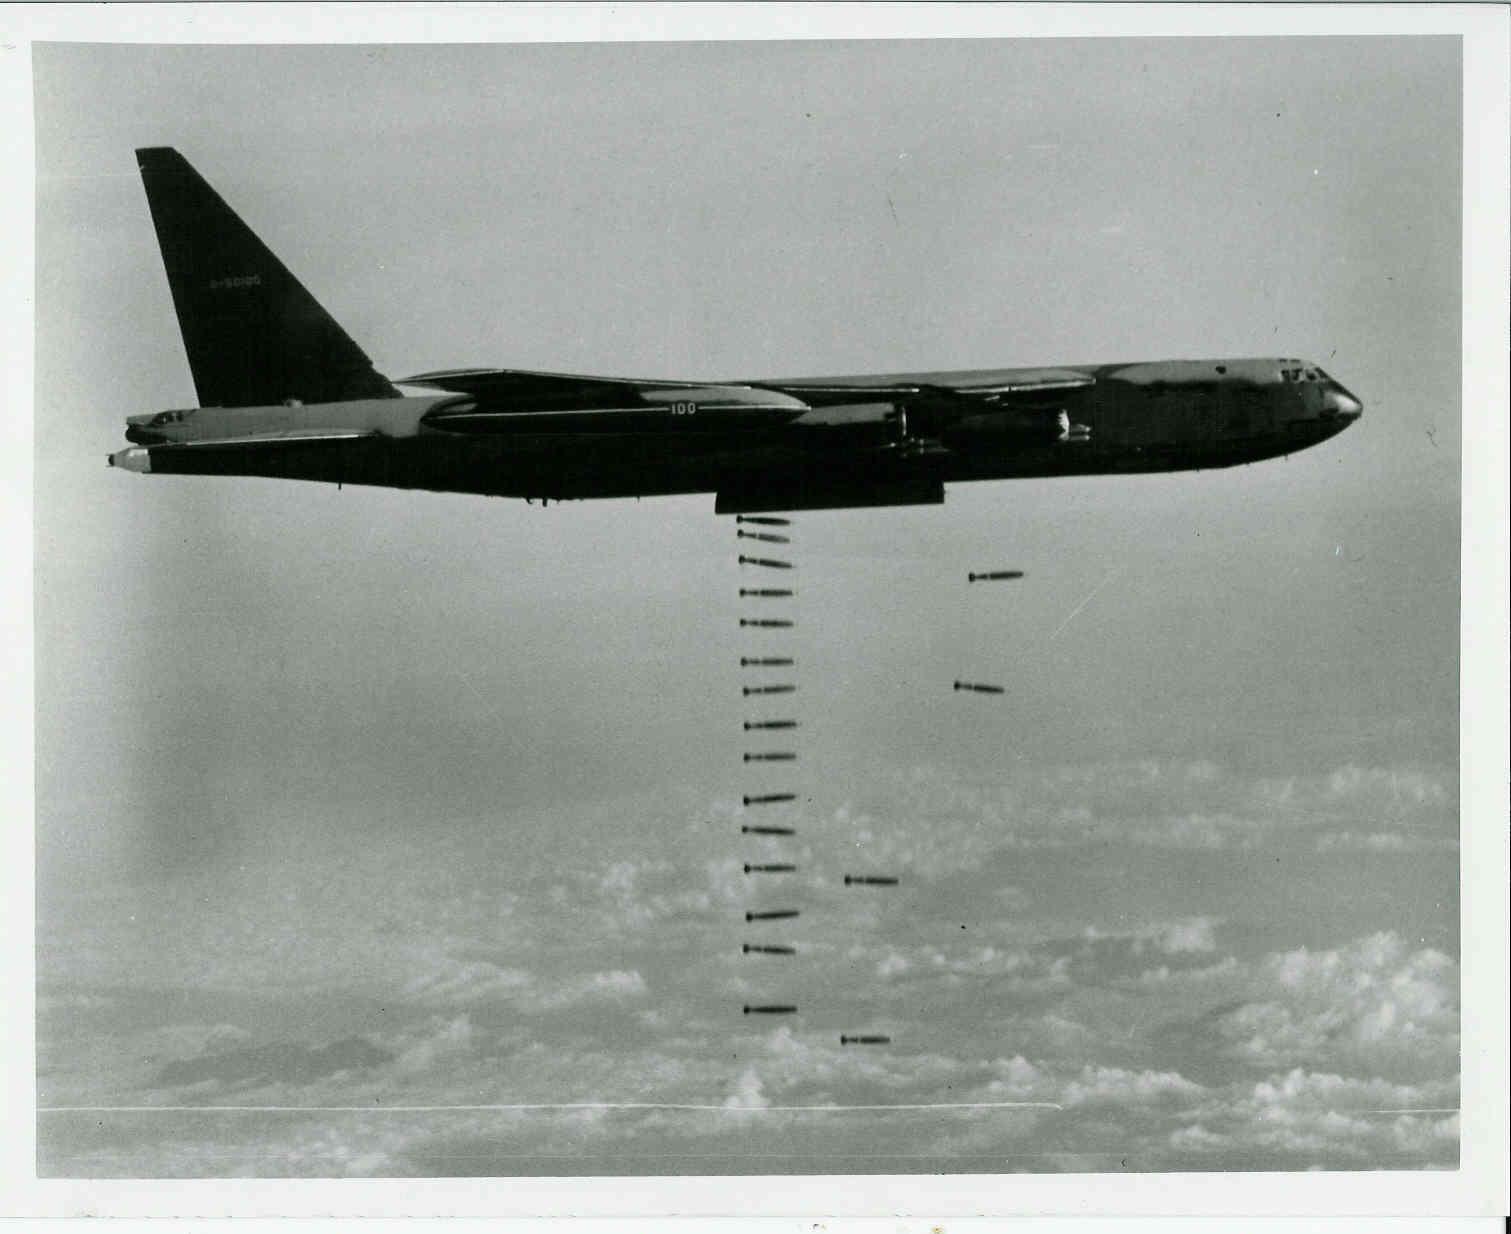 guerre du vietnam - Page 2 Sac_hist_019_X_x